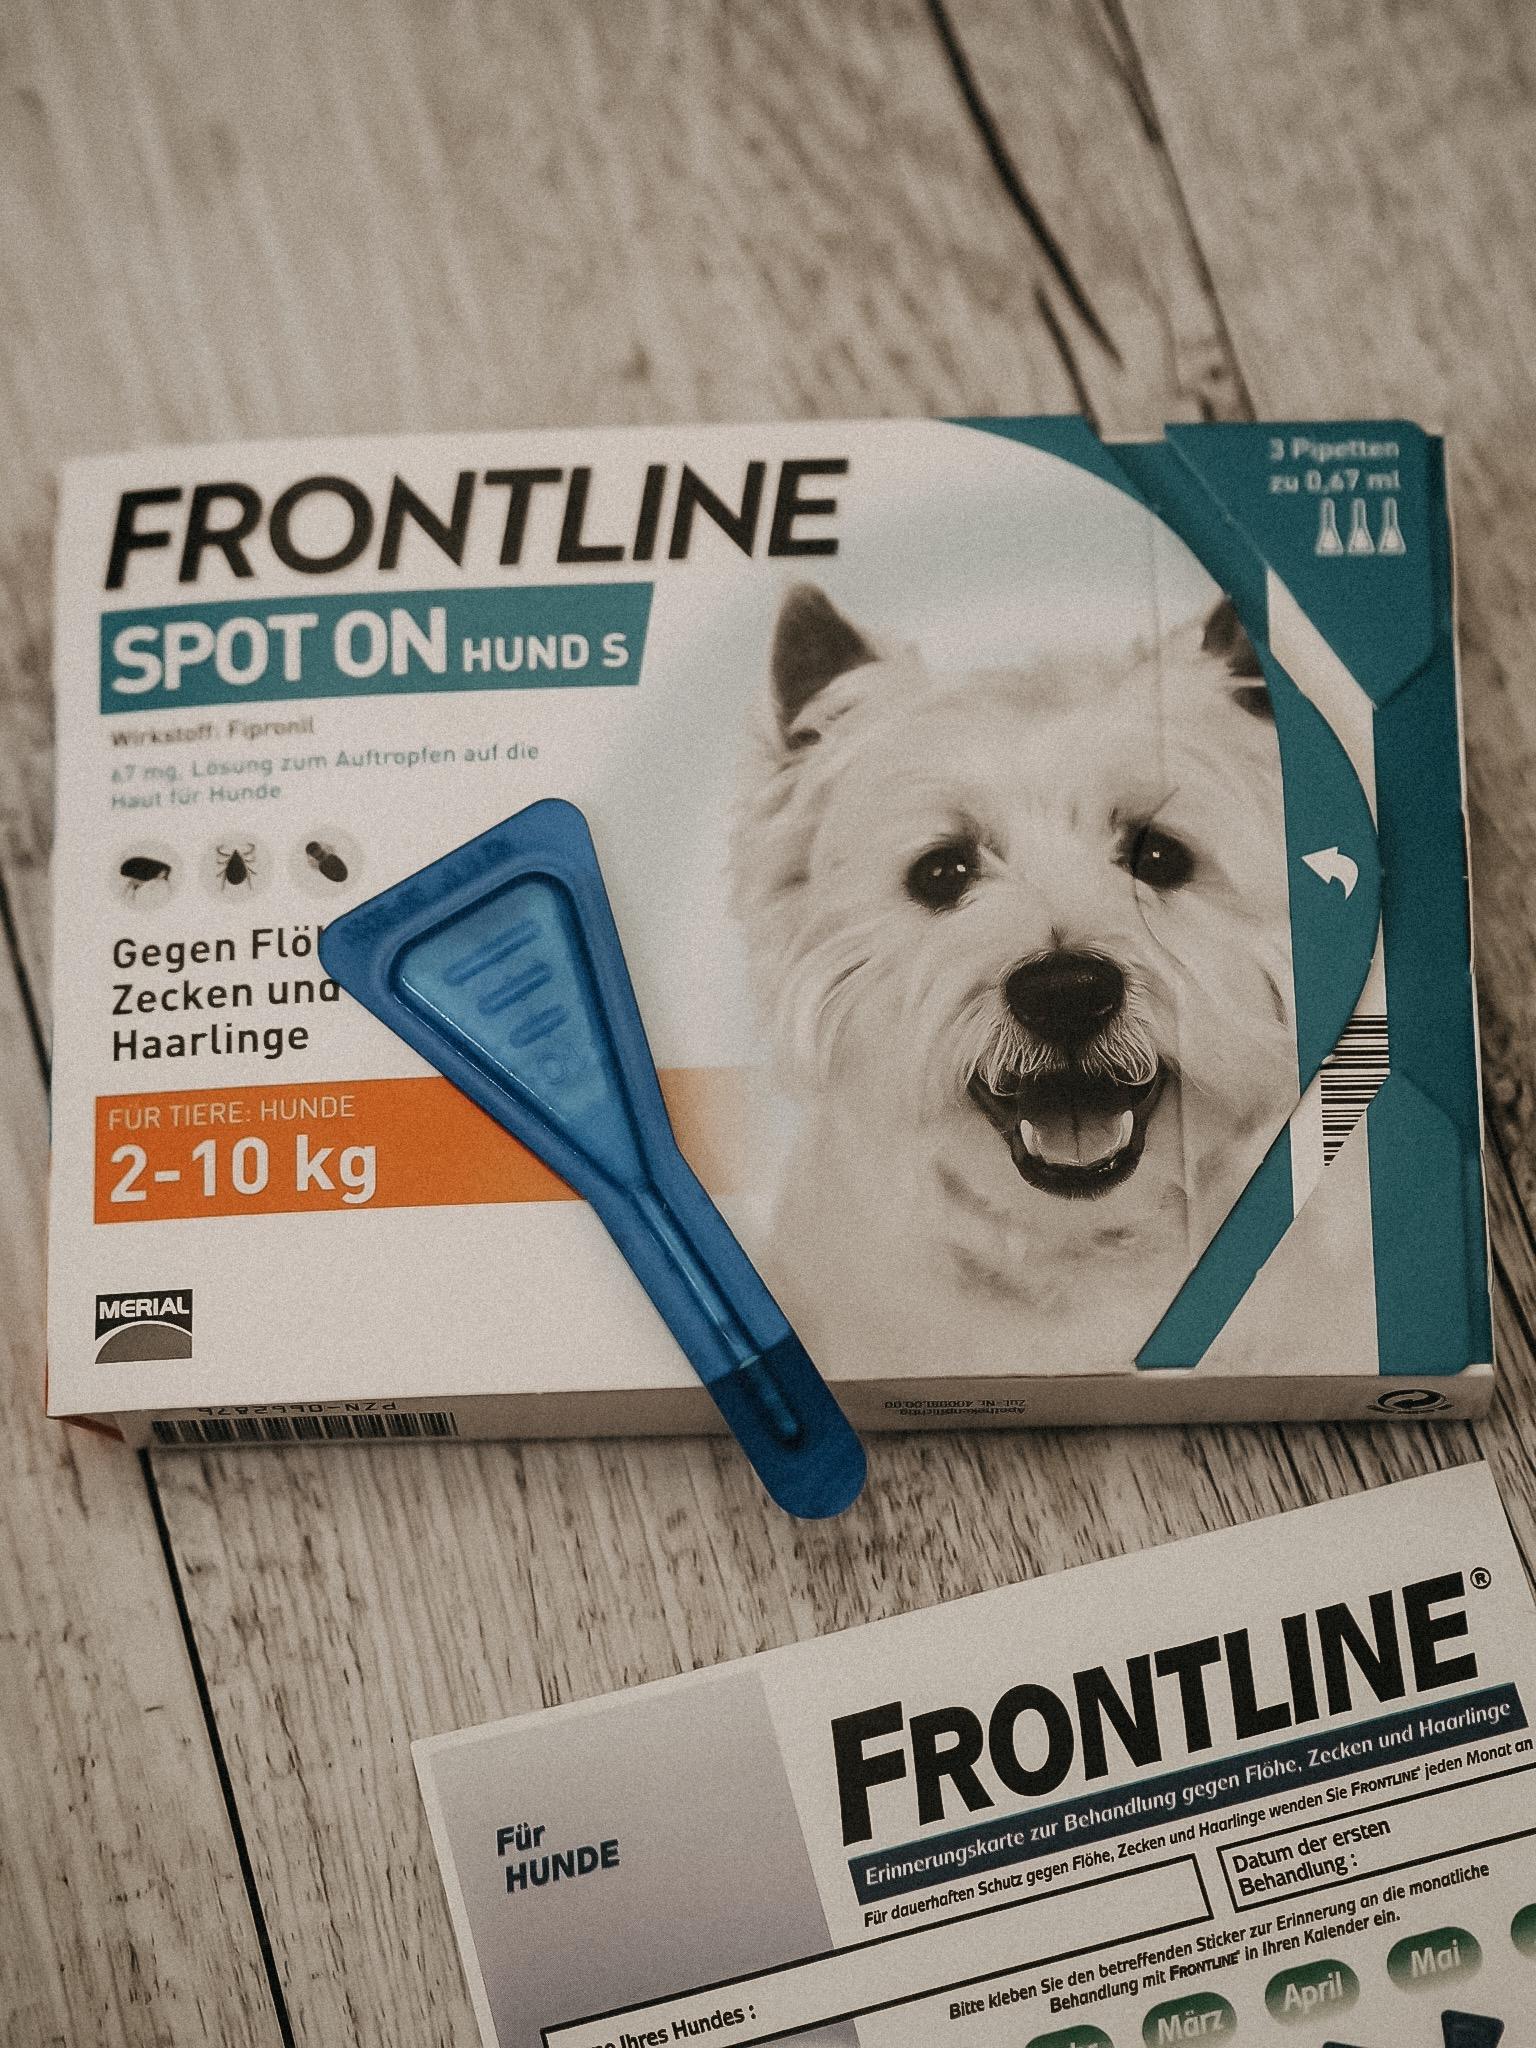 Mit dem SPOT ON von Frontline, das ich bei Europa-Apotheek bestellt habe, schütze ich meine Hündin vor lästigen Zecken, Flöhe und Haarigen im Handumdrehen.